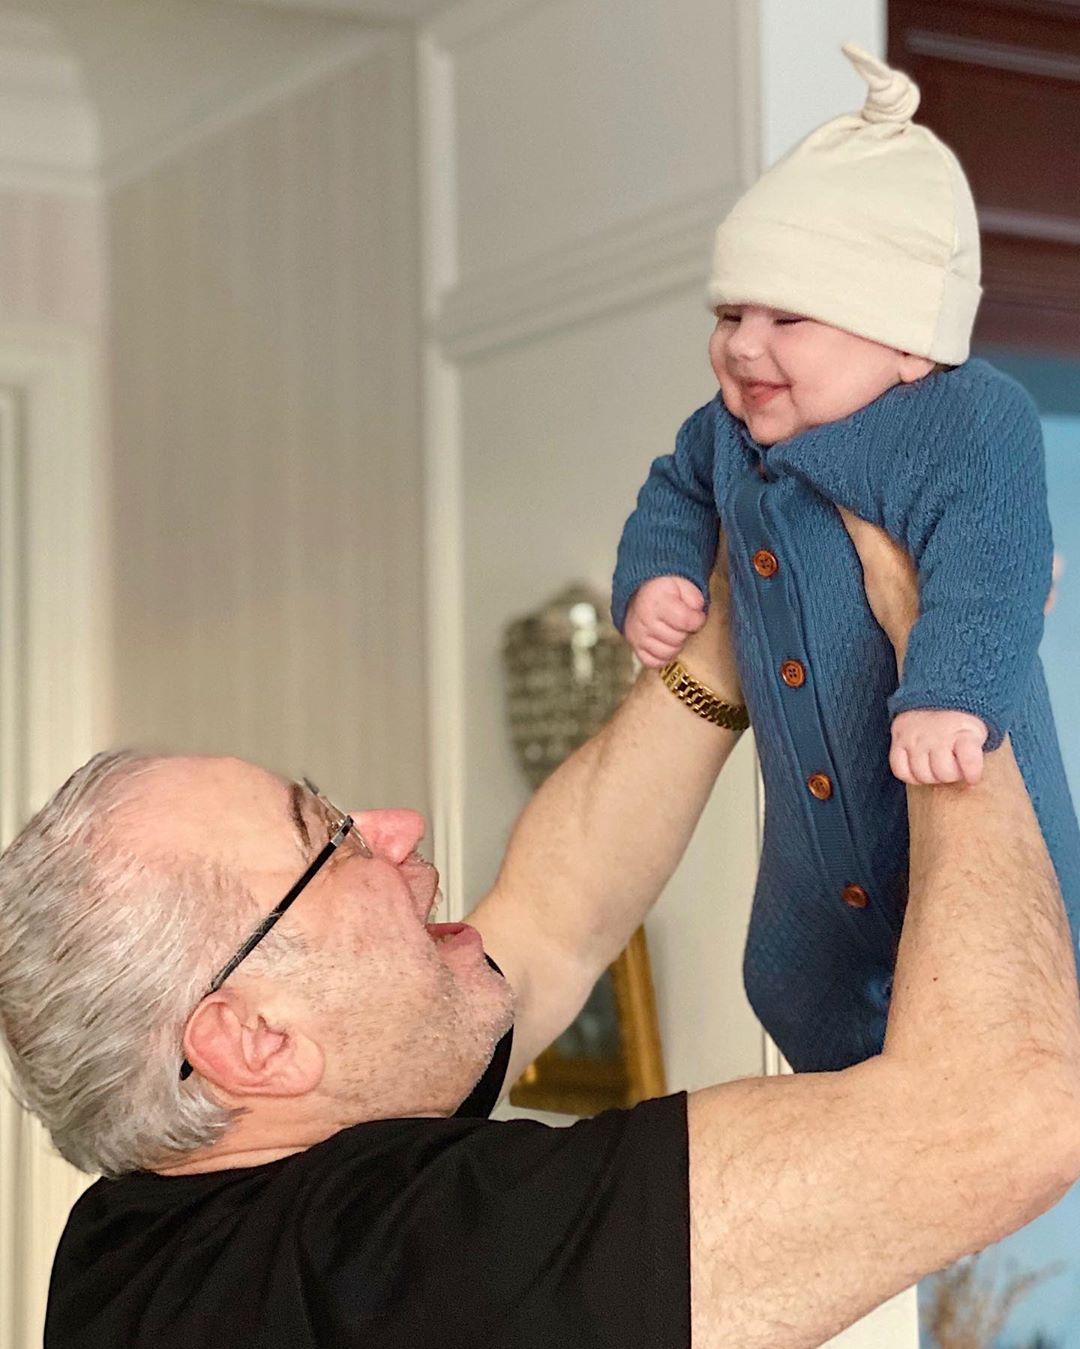 Петросян стал отцом в 74 года: появилось фото малыша